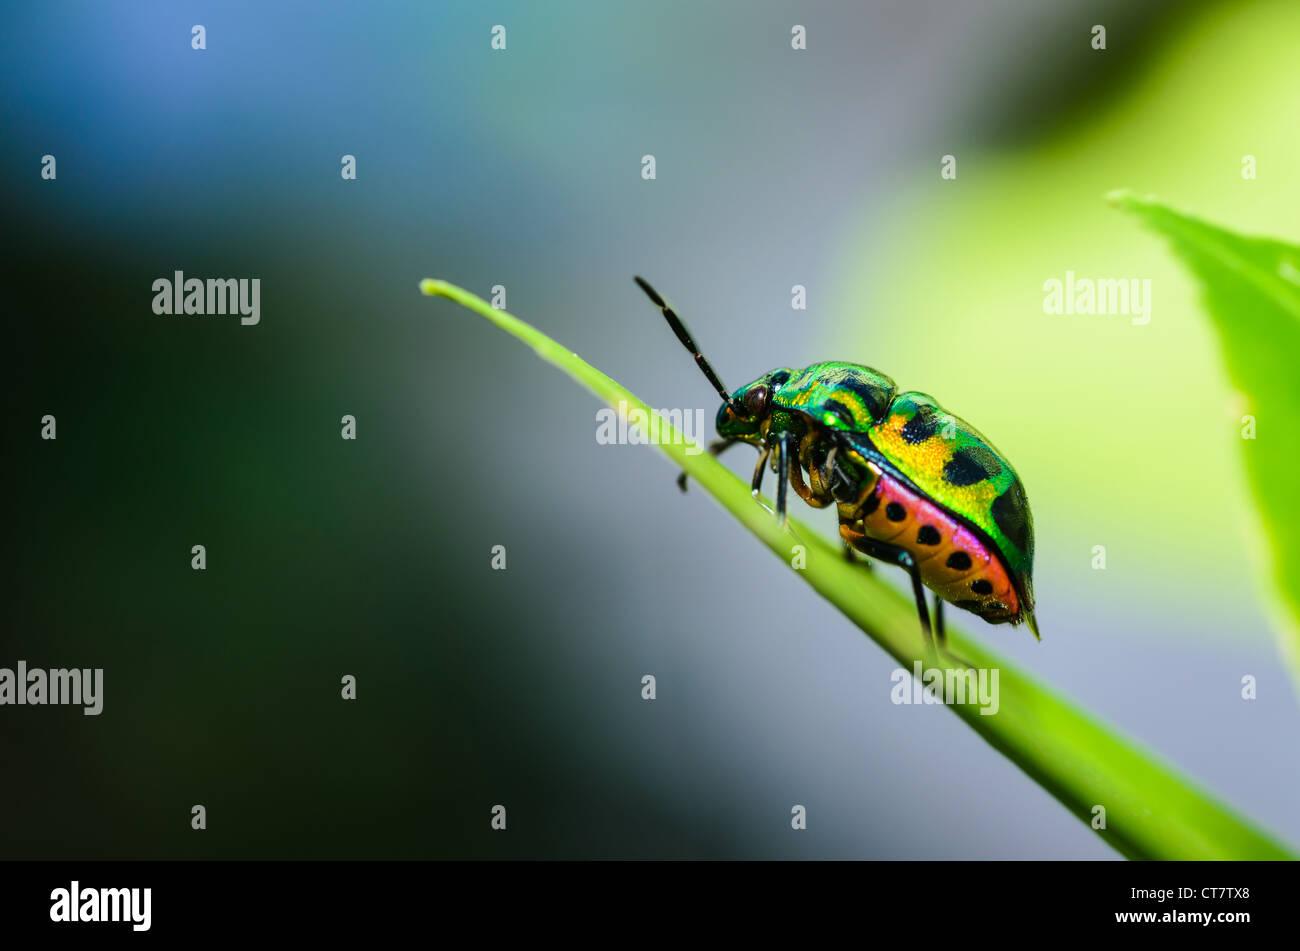 Gioiello bug nel verde della natura Immagini Stock